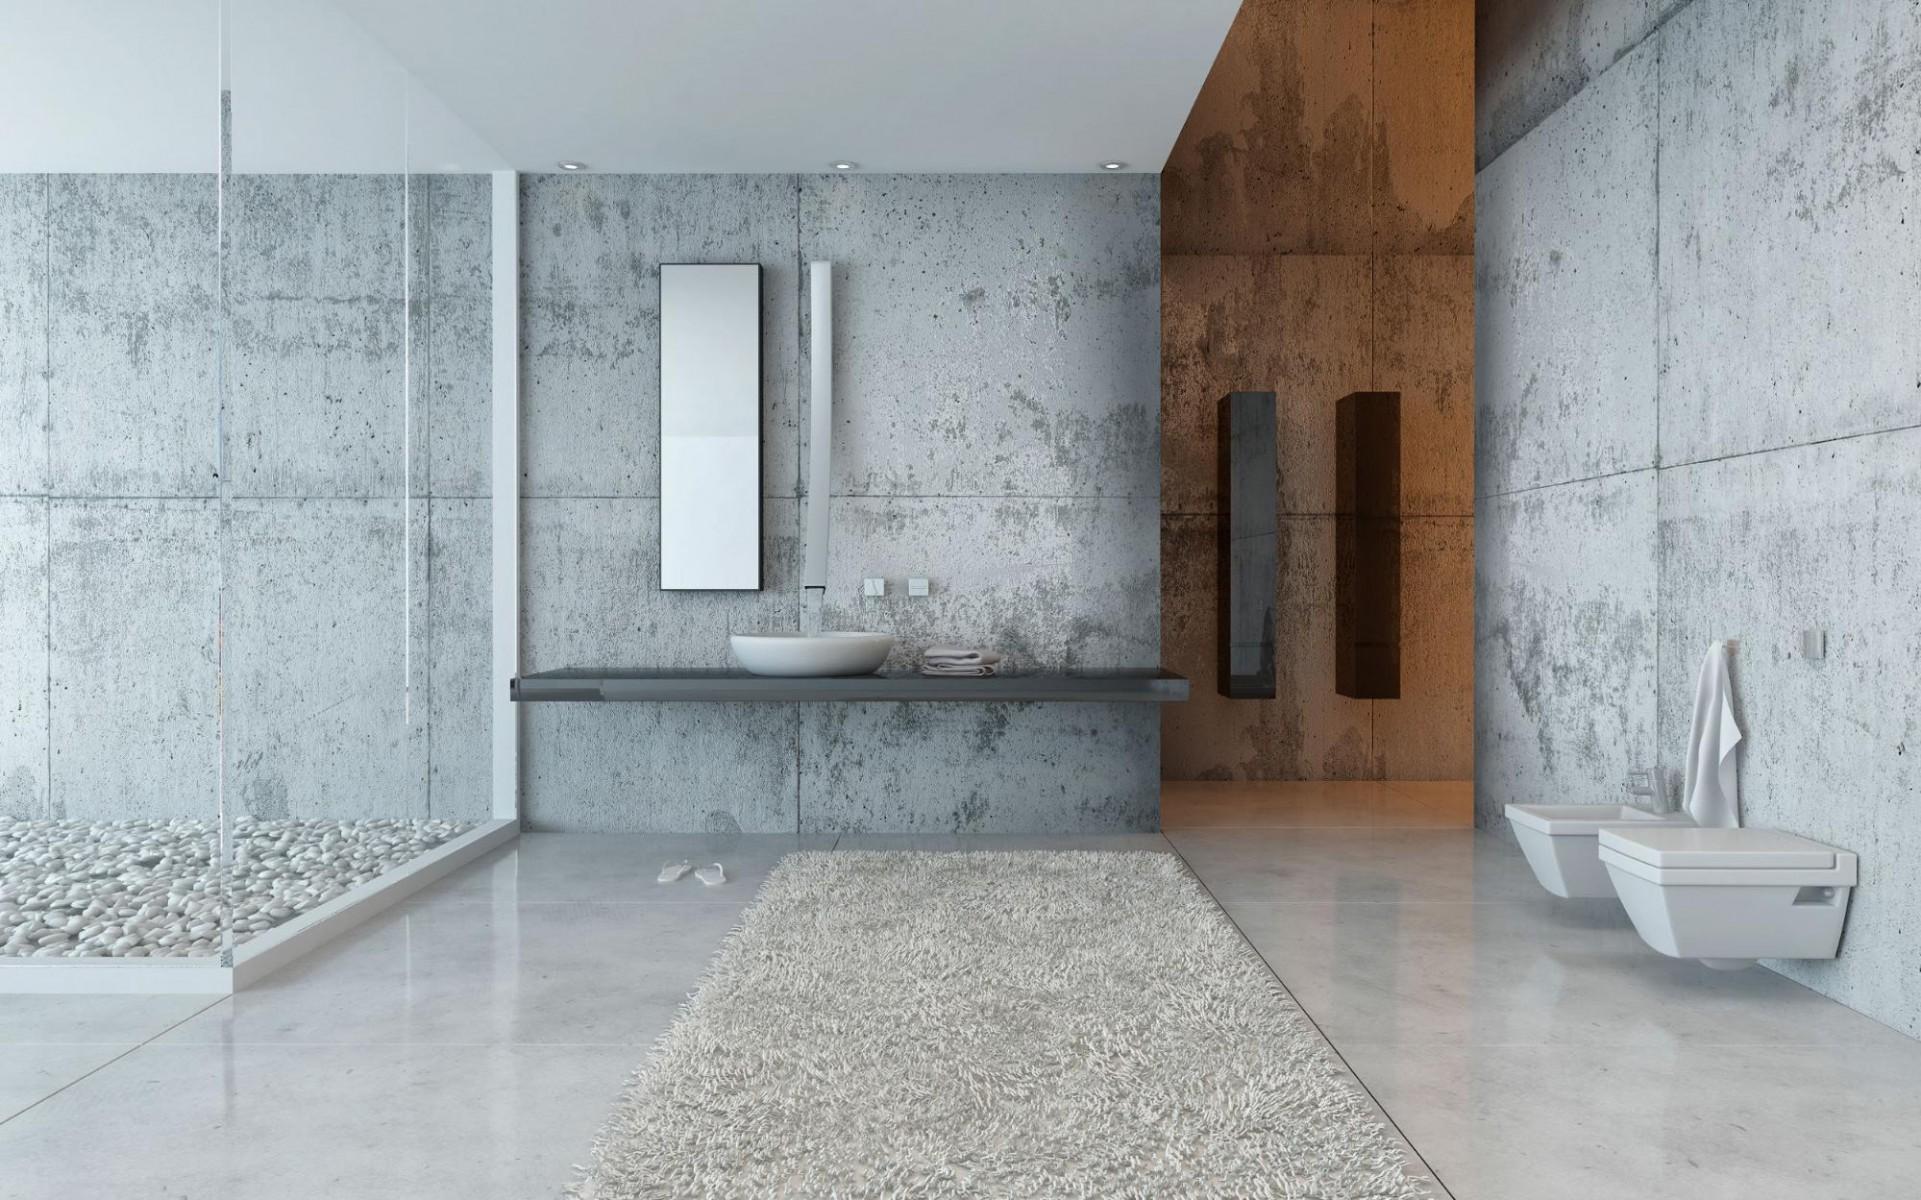 Choisir le carrelage pour une salle de bain de style industriel